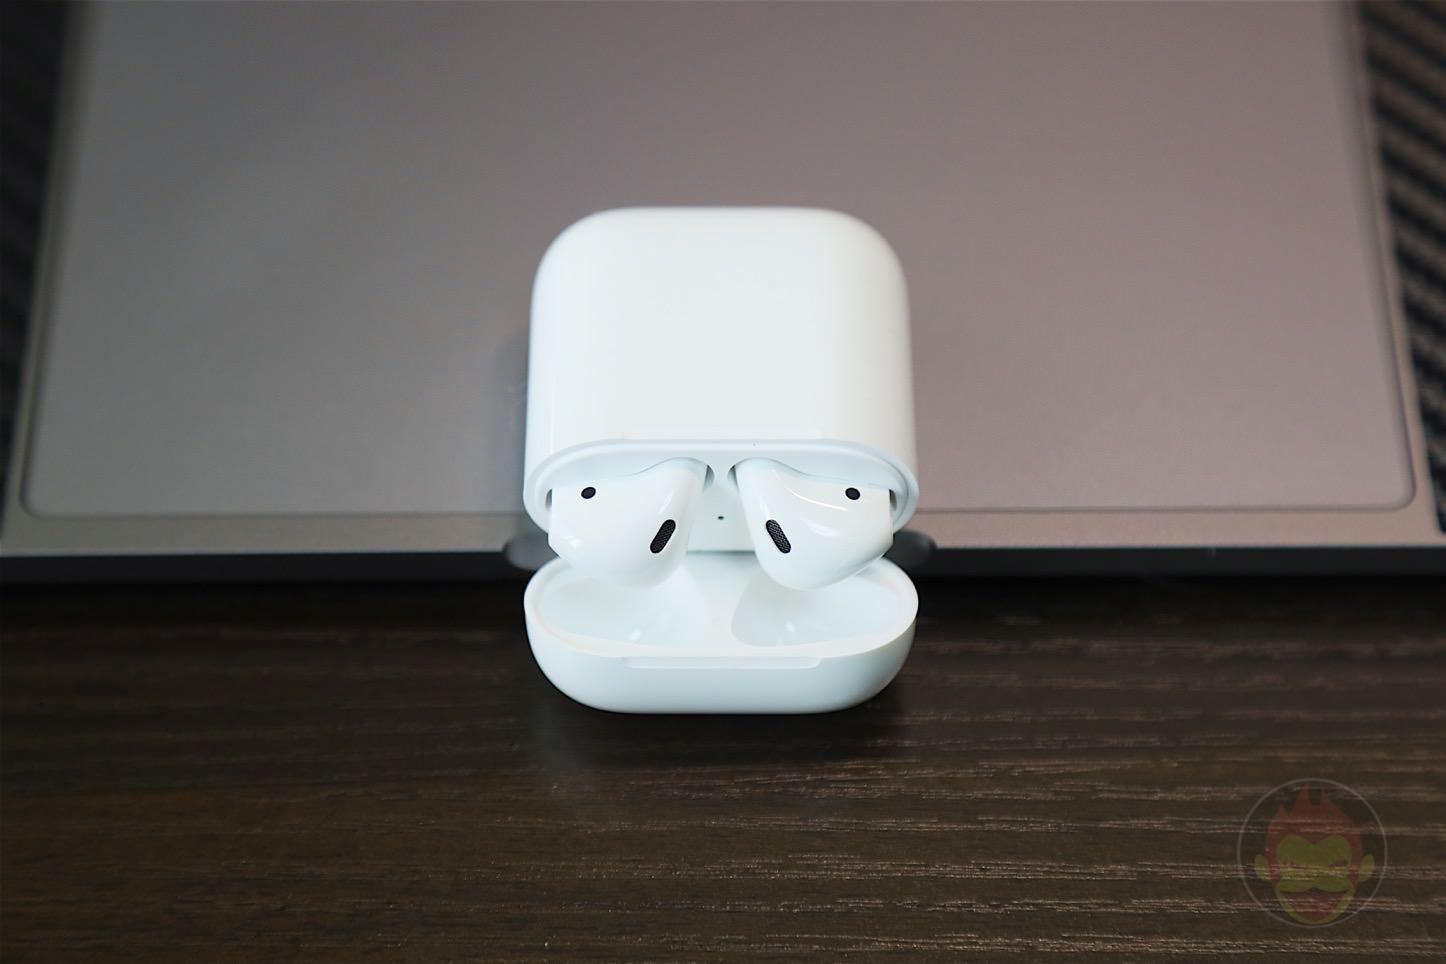 Apple AirPods Wireless Earphones